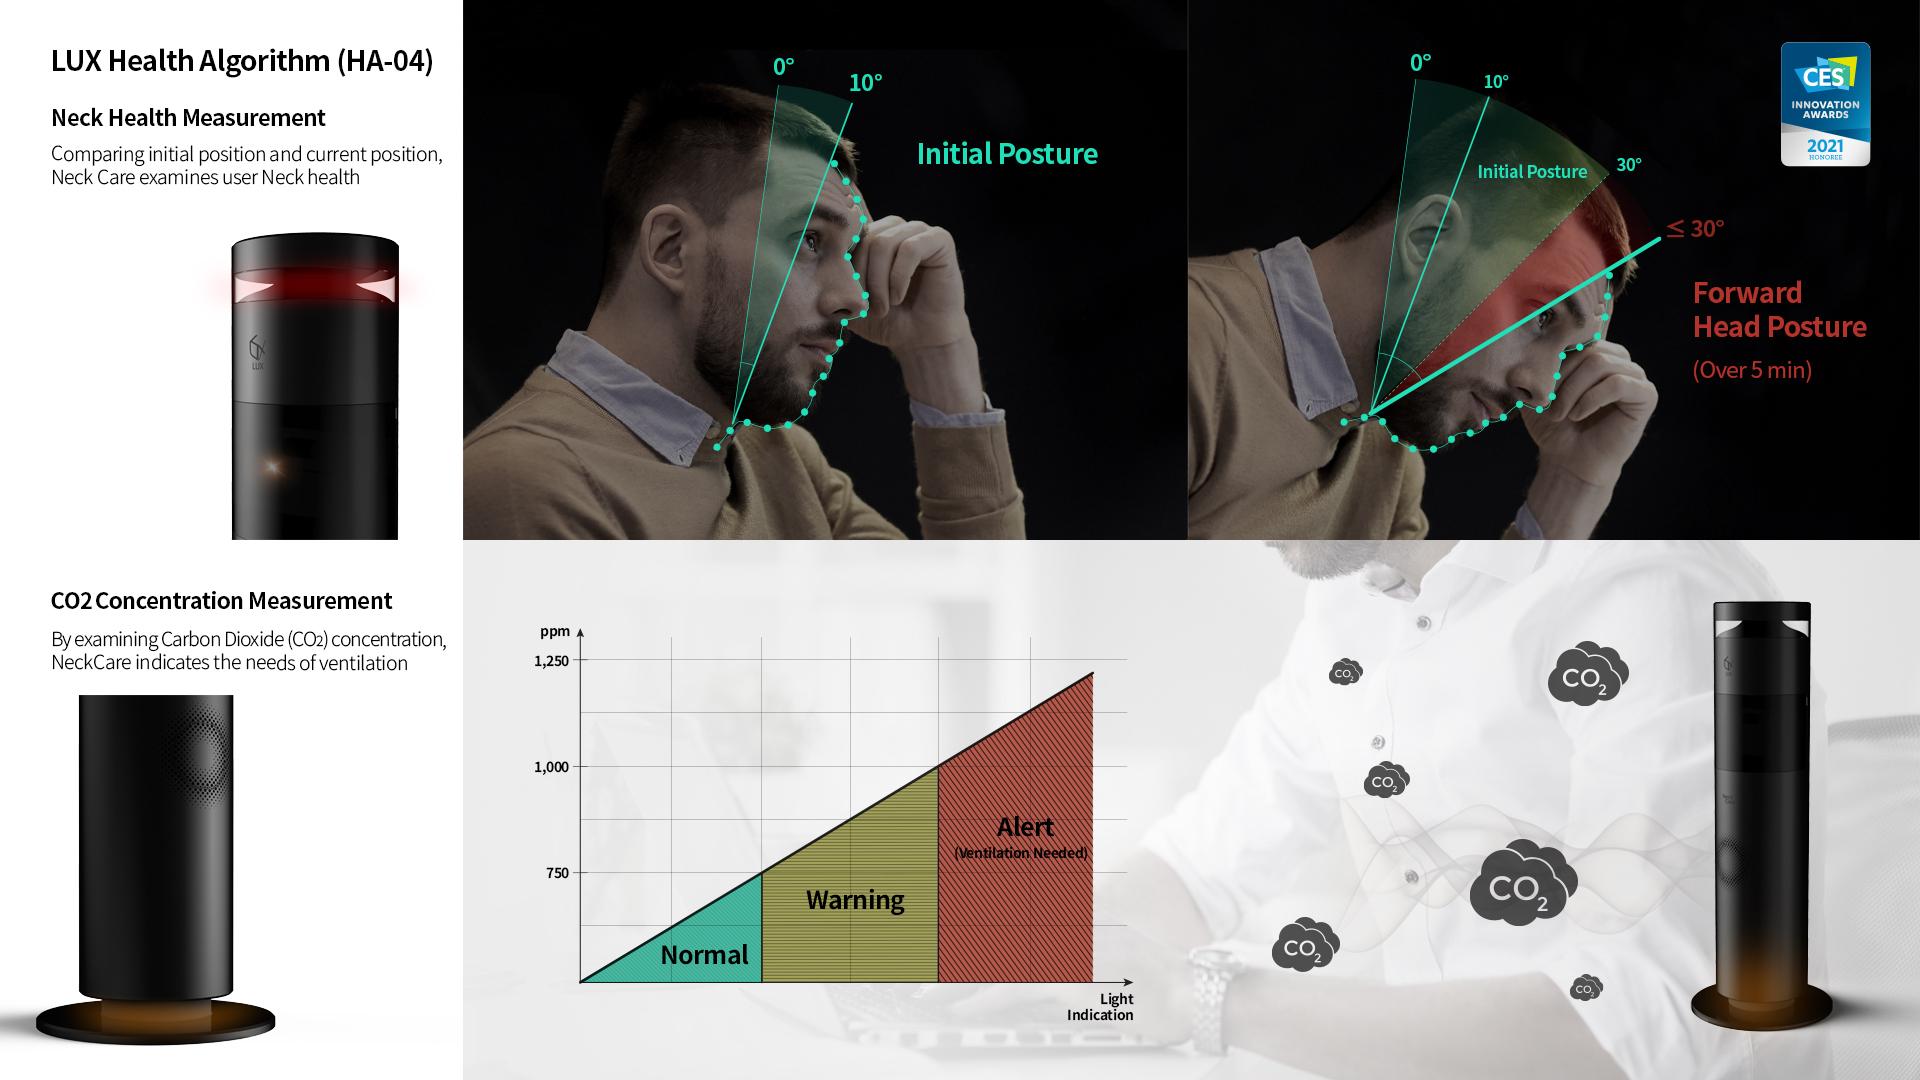 CES 2021 Las Vegas – LUX D102 (Lidar-Motion Interface Shower System) & Neck Care